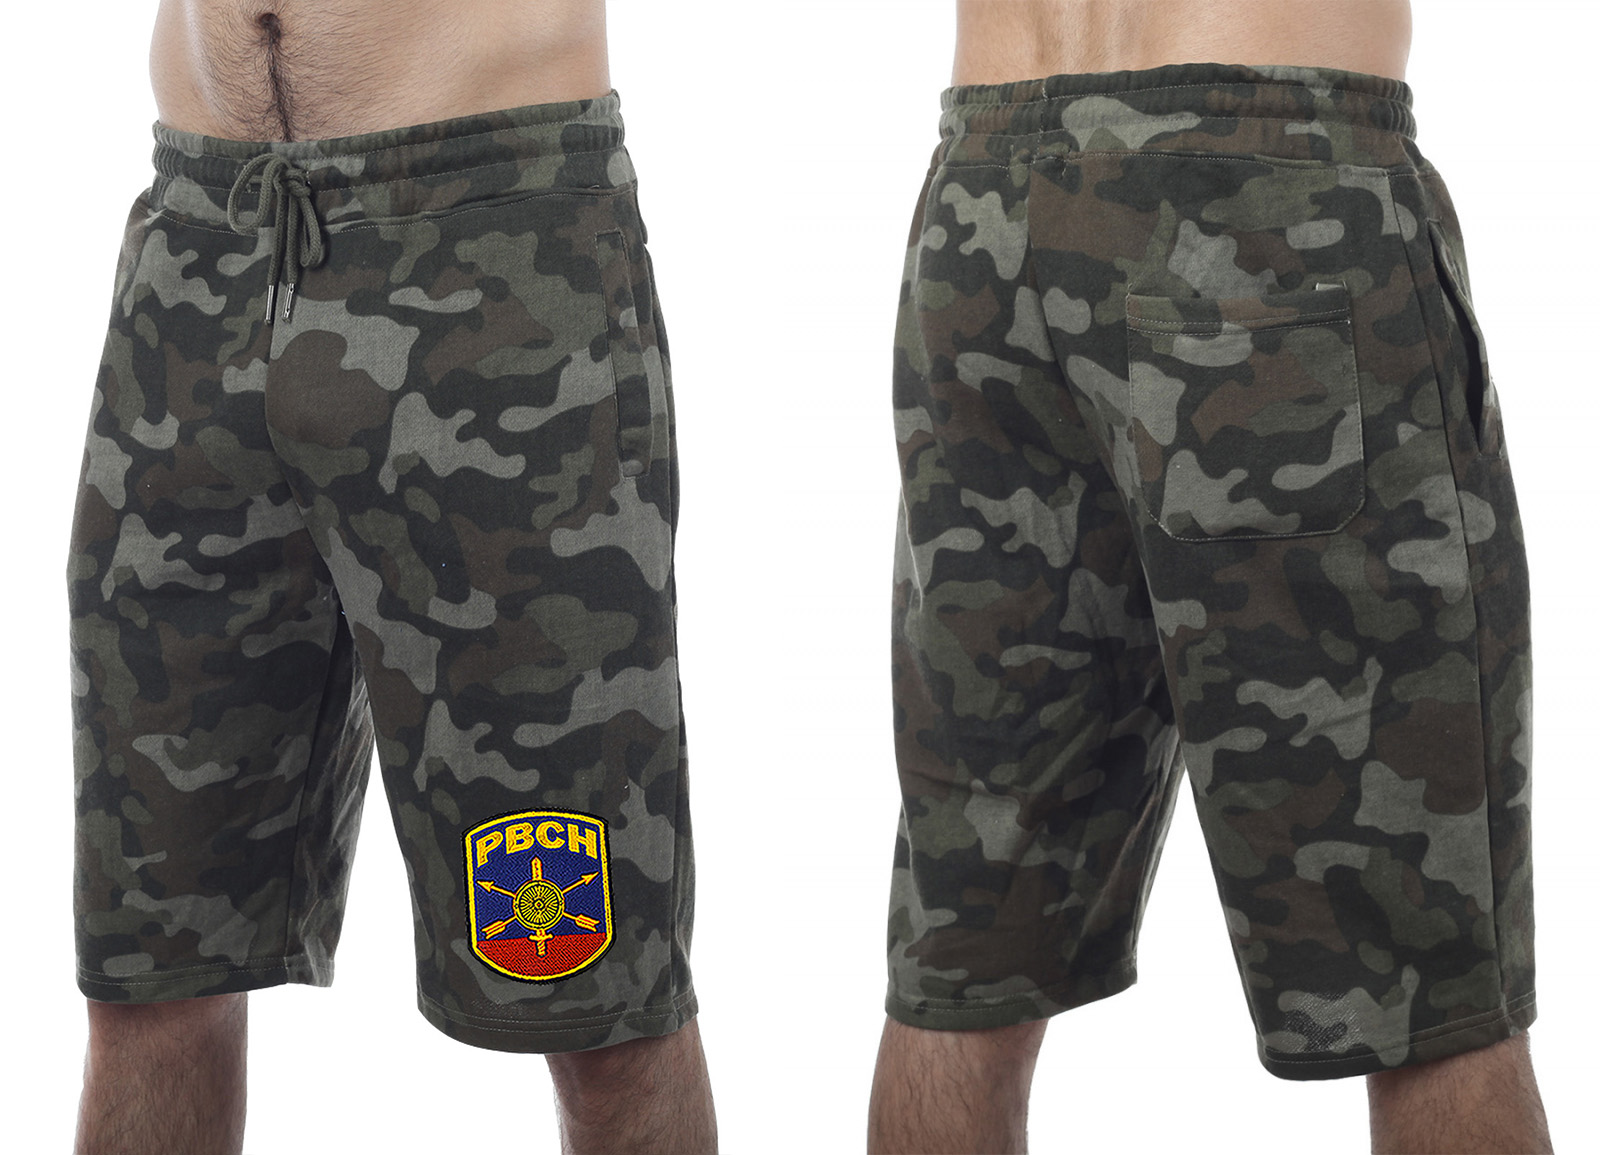 Армейские камуфляжные хаки-шорты с нашивкой РВСН - купить оптом